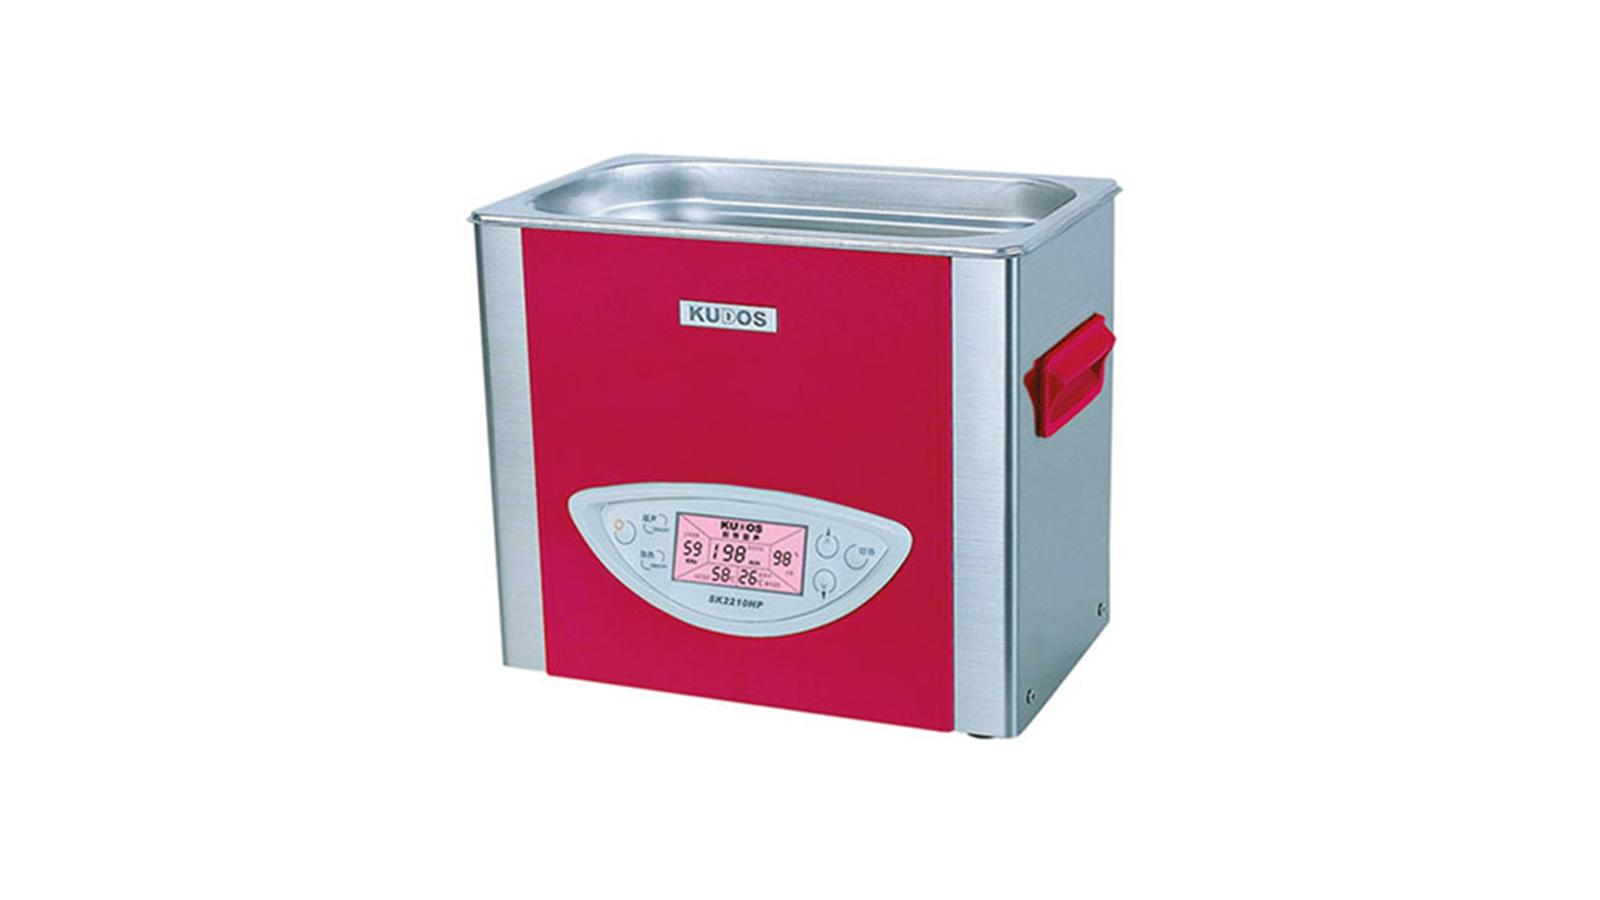 HP Serisi 53kHz Isıtmalı Ultrasonik Banyolar || Merlab Laboratuvar Ekipmanları